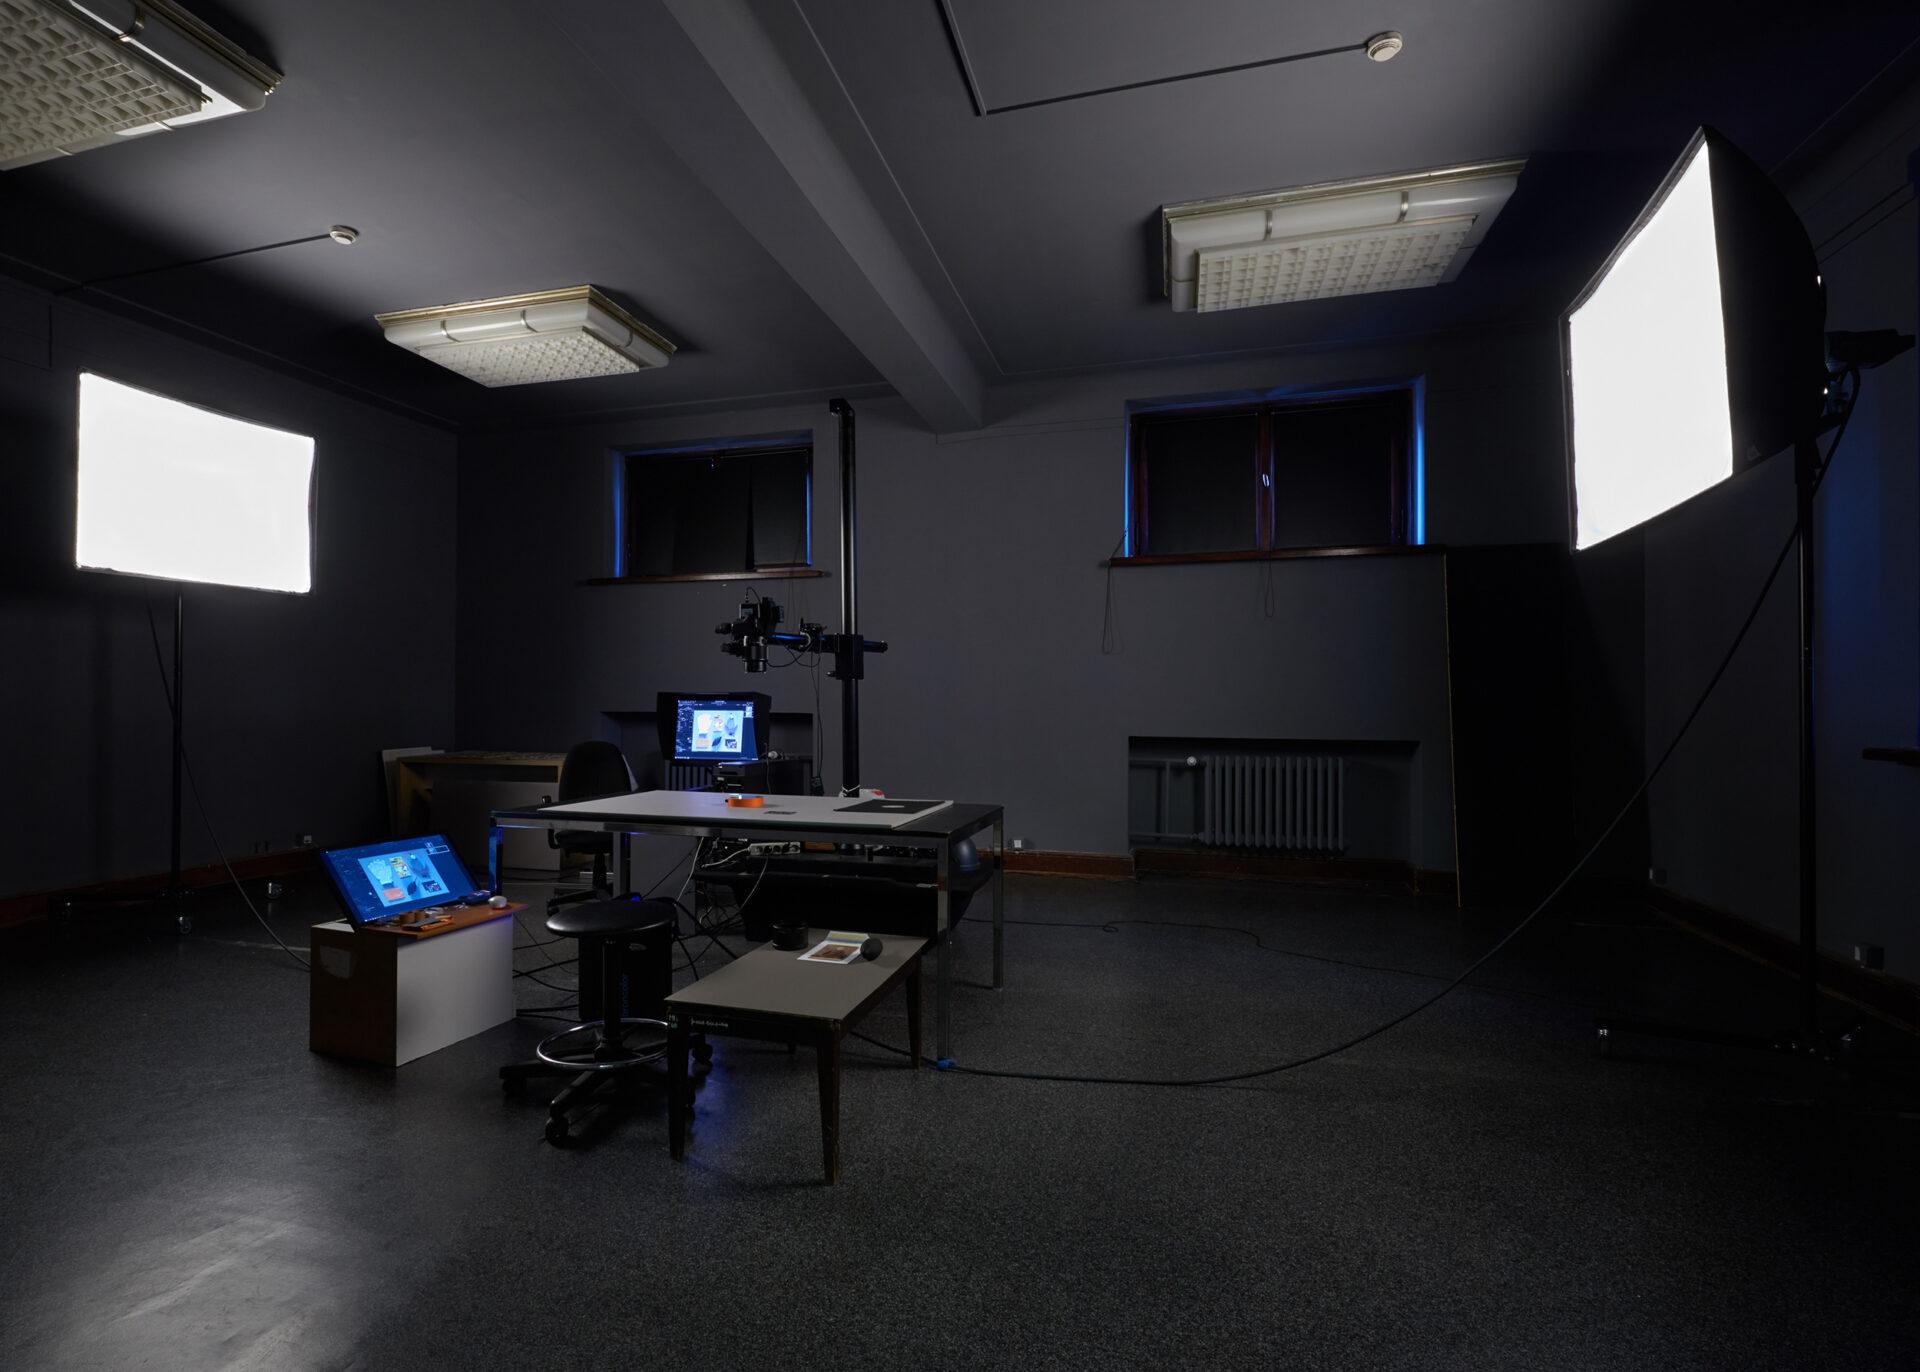 Fotografia pomieszczenia. przyciemniony pokój. Naśrodku biurka, monitory isprzęt dodigitalizacji.  Nadwóch przeciwległych ścianach pokoju jasne ekrany.